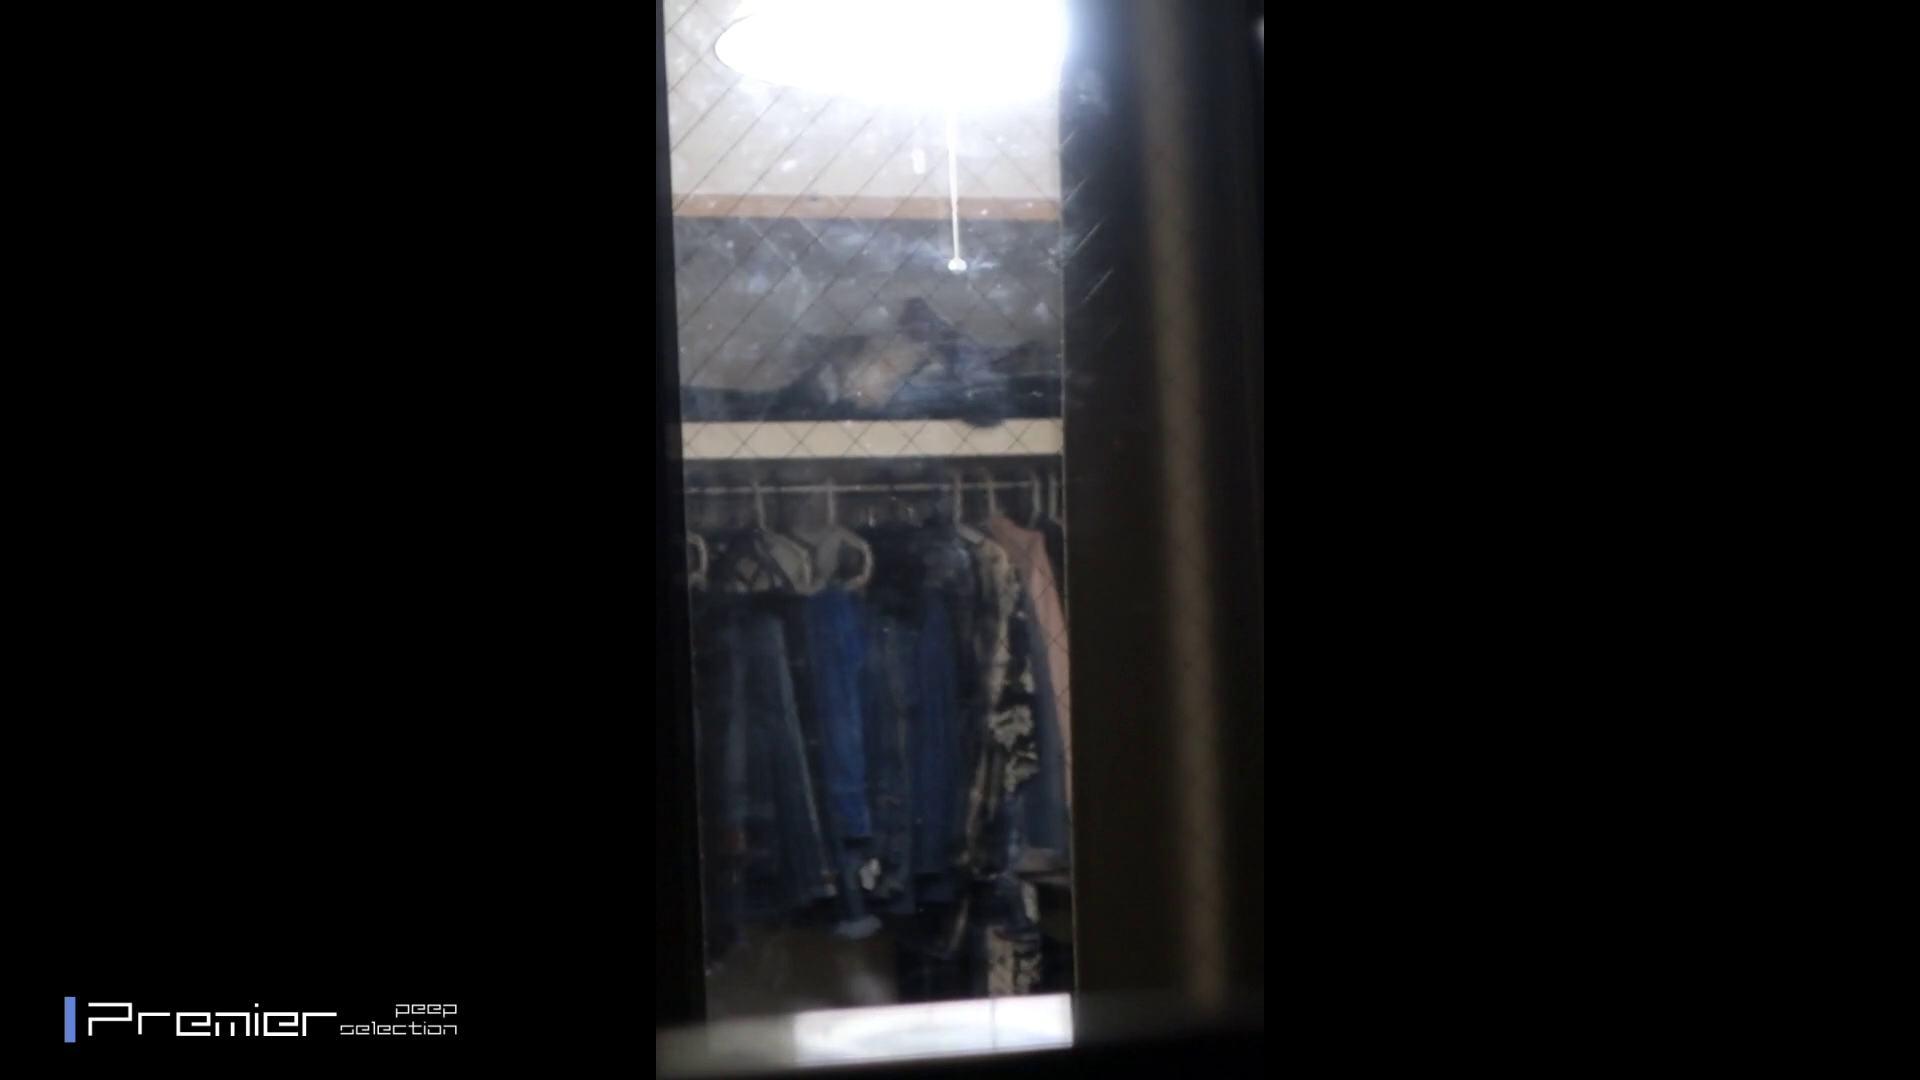 美人 OL のおっぱいとセクシーランジェリー  美女達の私生活に潜入! 潜入 のぞき動画画像 47pic 40